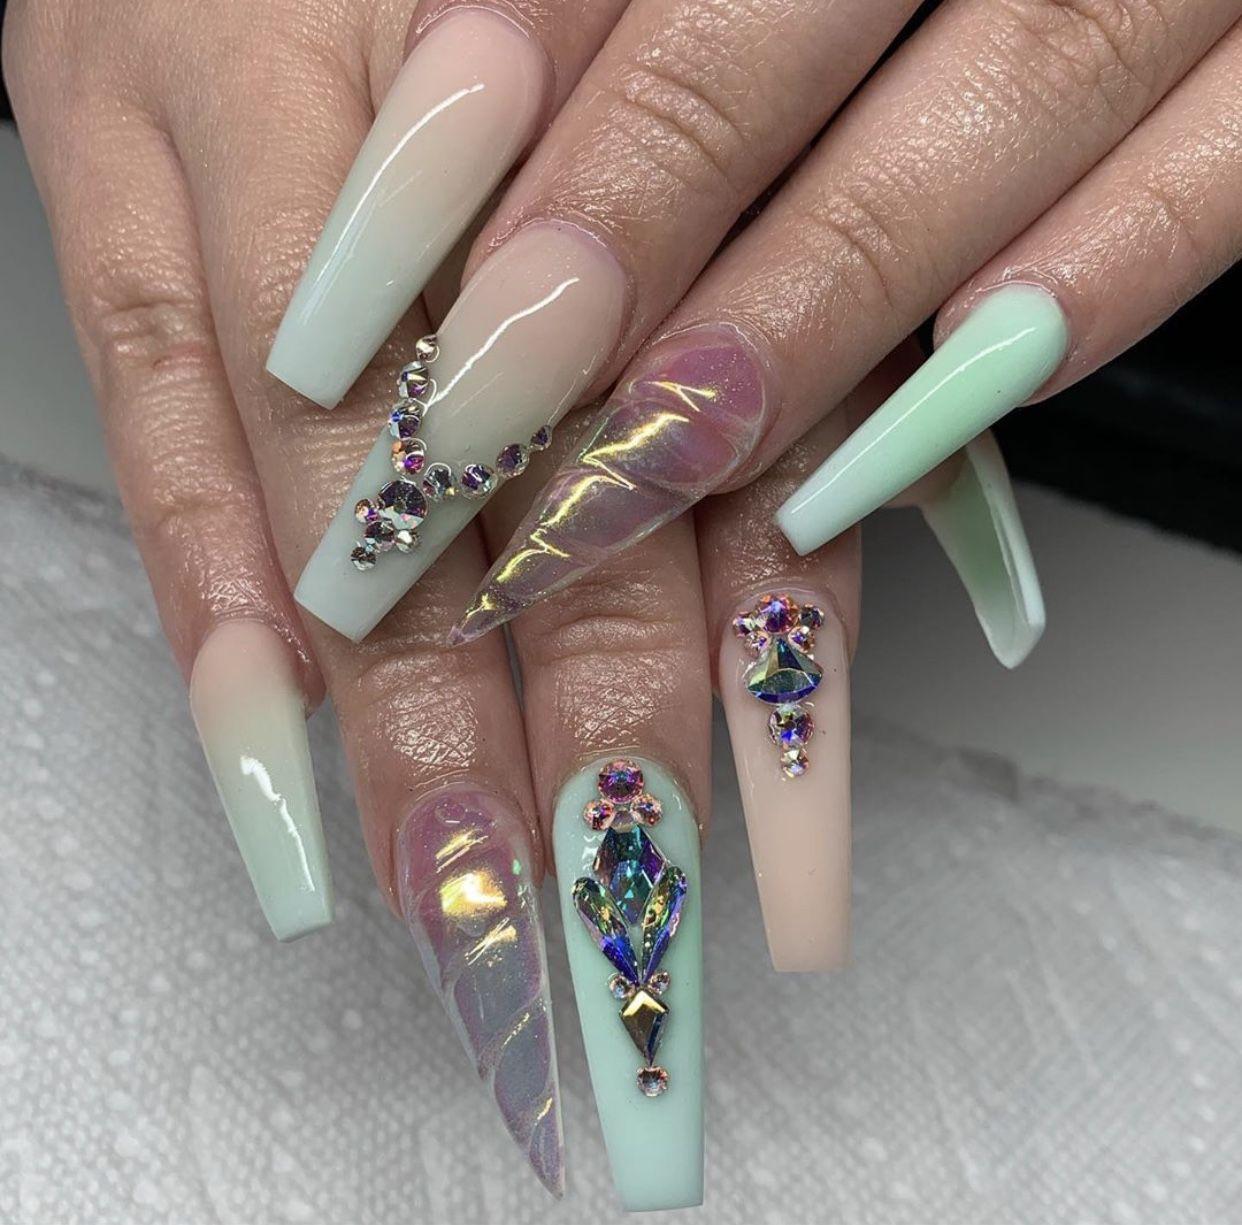 Pin by Ameriah on nails Swag nails, Swarovski nails